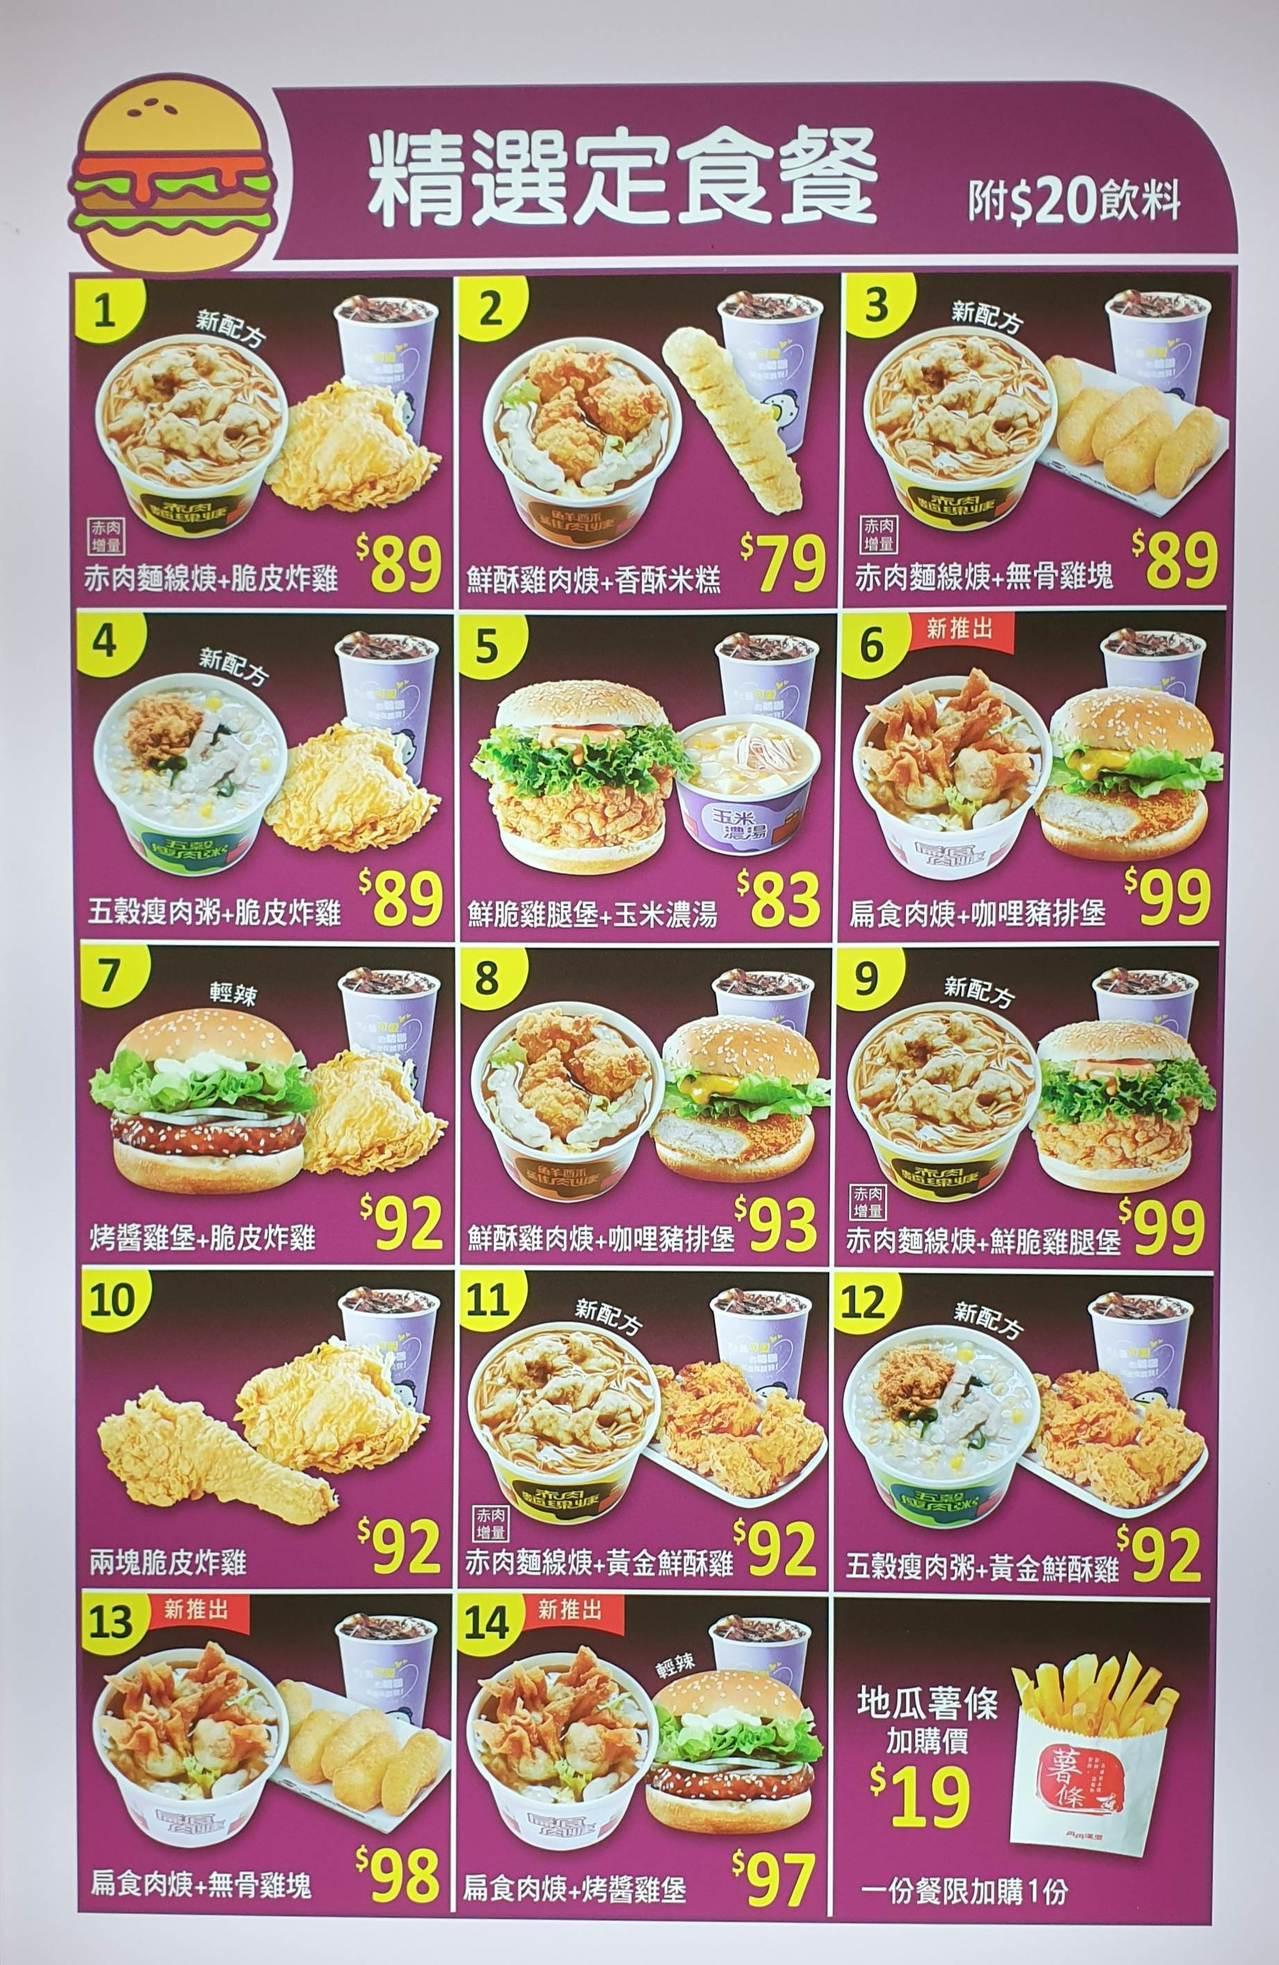 網友發出丹丹漢堡新菜單,不少人感概CP值已不是賣點了。圖擷自PTT